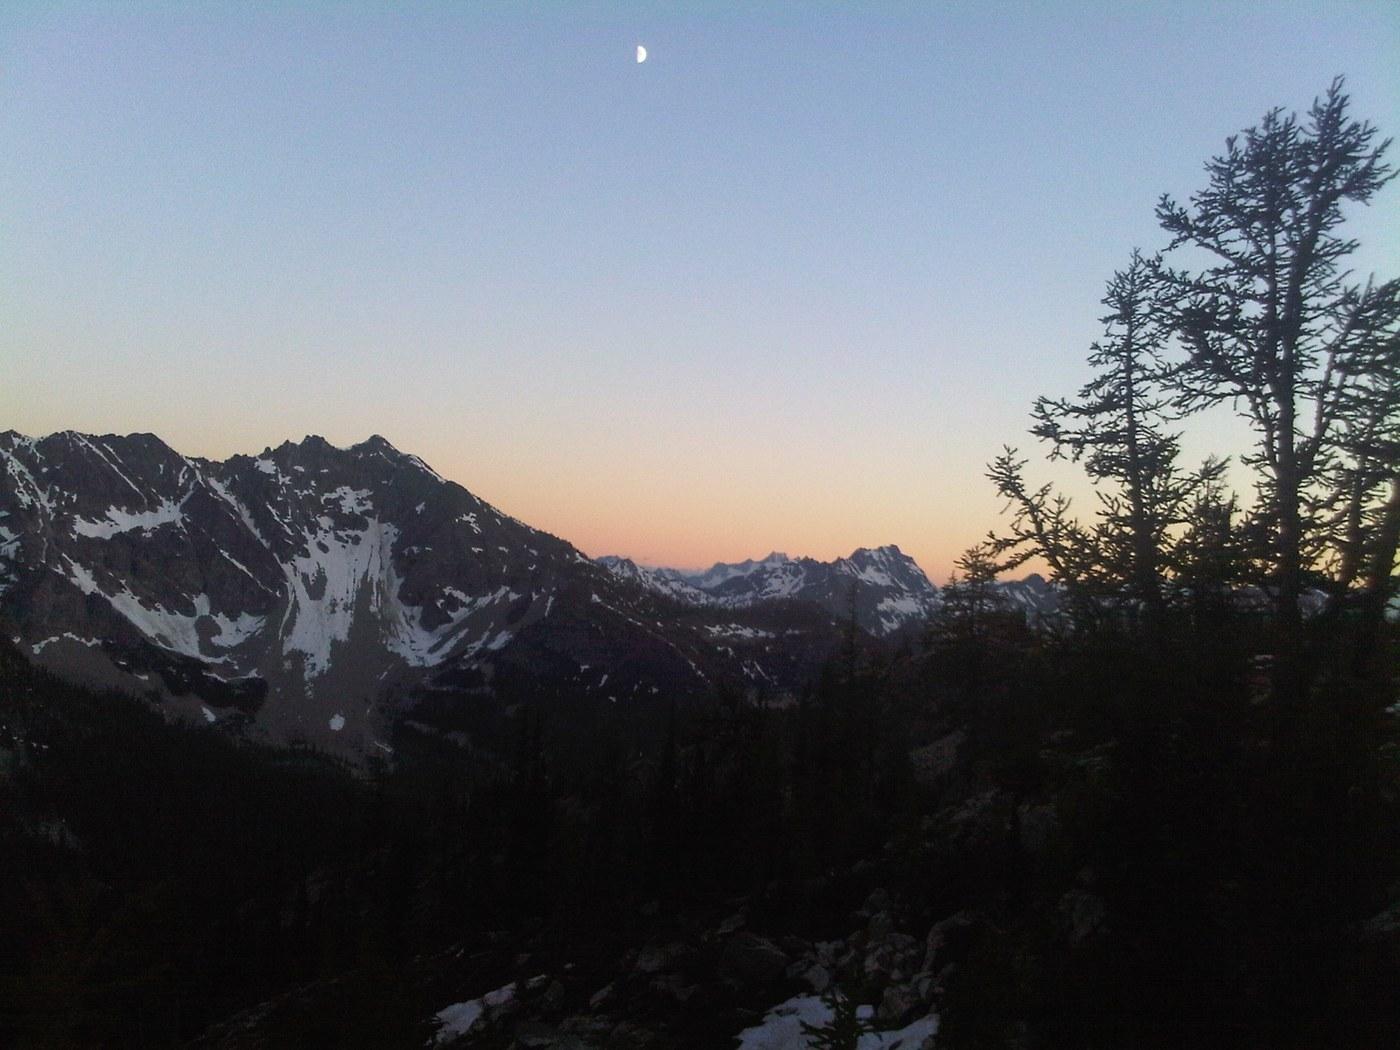 Twisp Pass. Photo by JustLikeHiking.jpeg